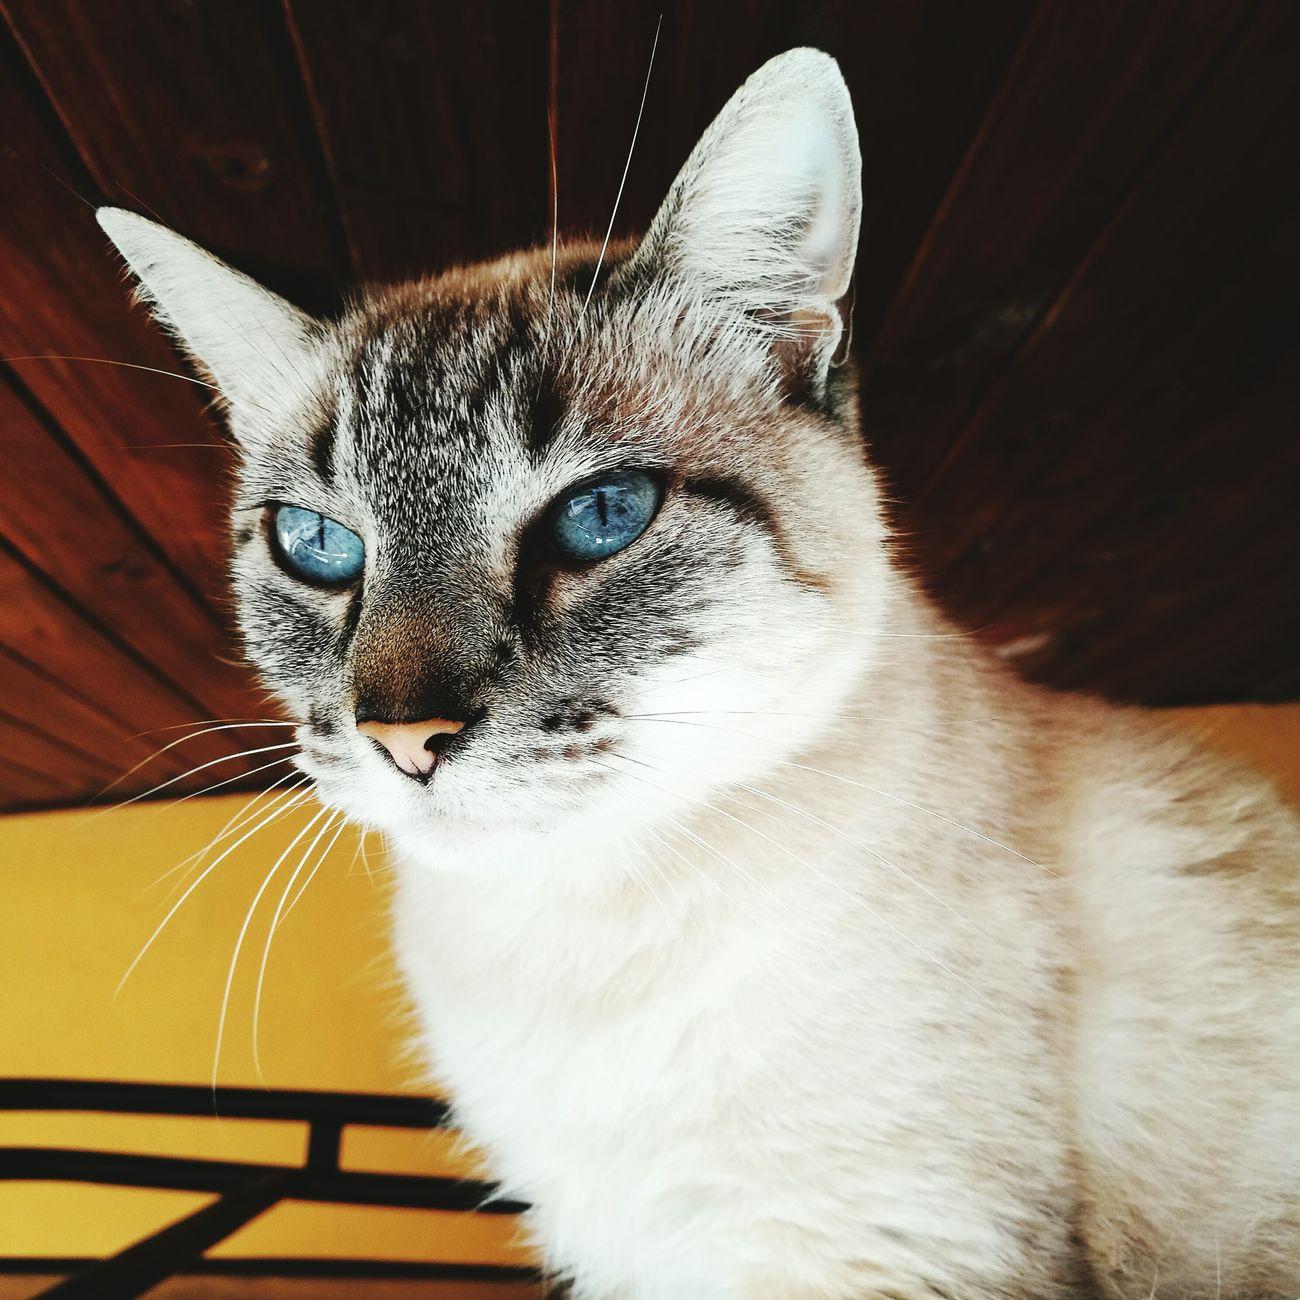 Cat cleopatra😻